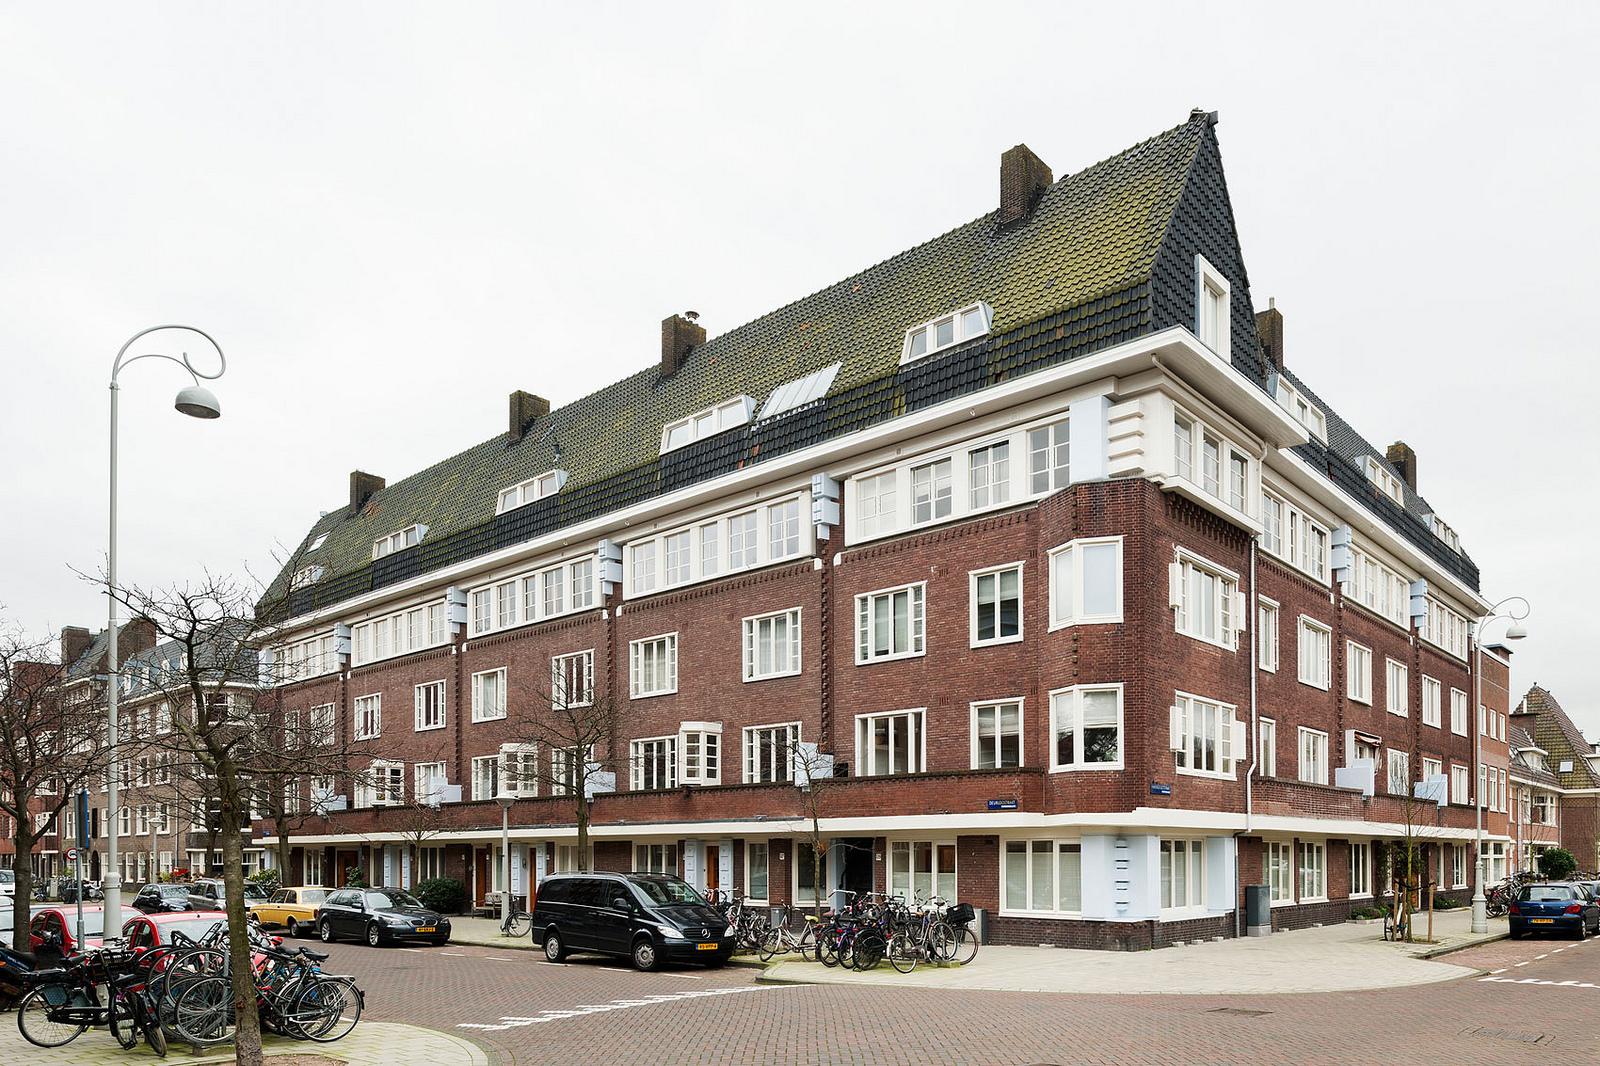 Долгосрочная аренда жилья в европе можно ли купить квартиру за границей за материнский капитал